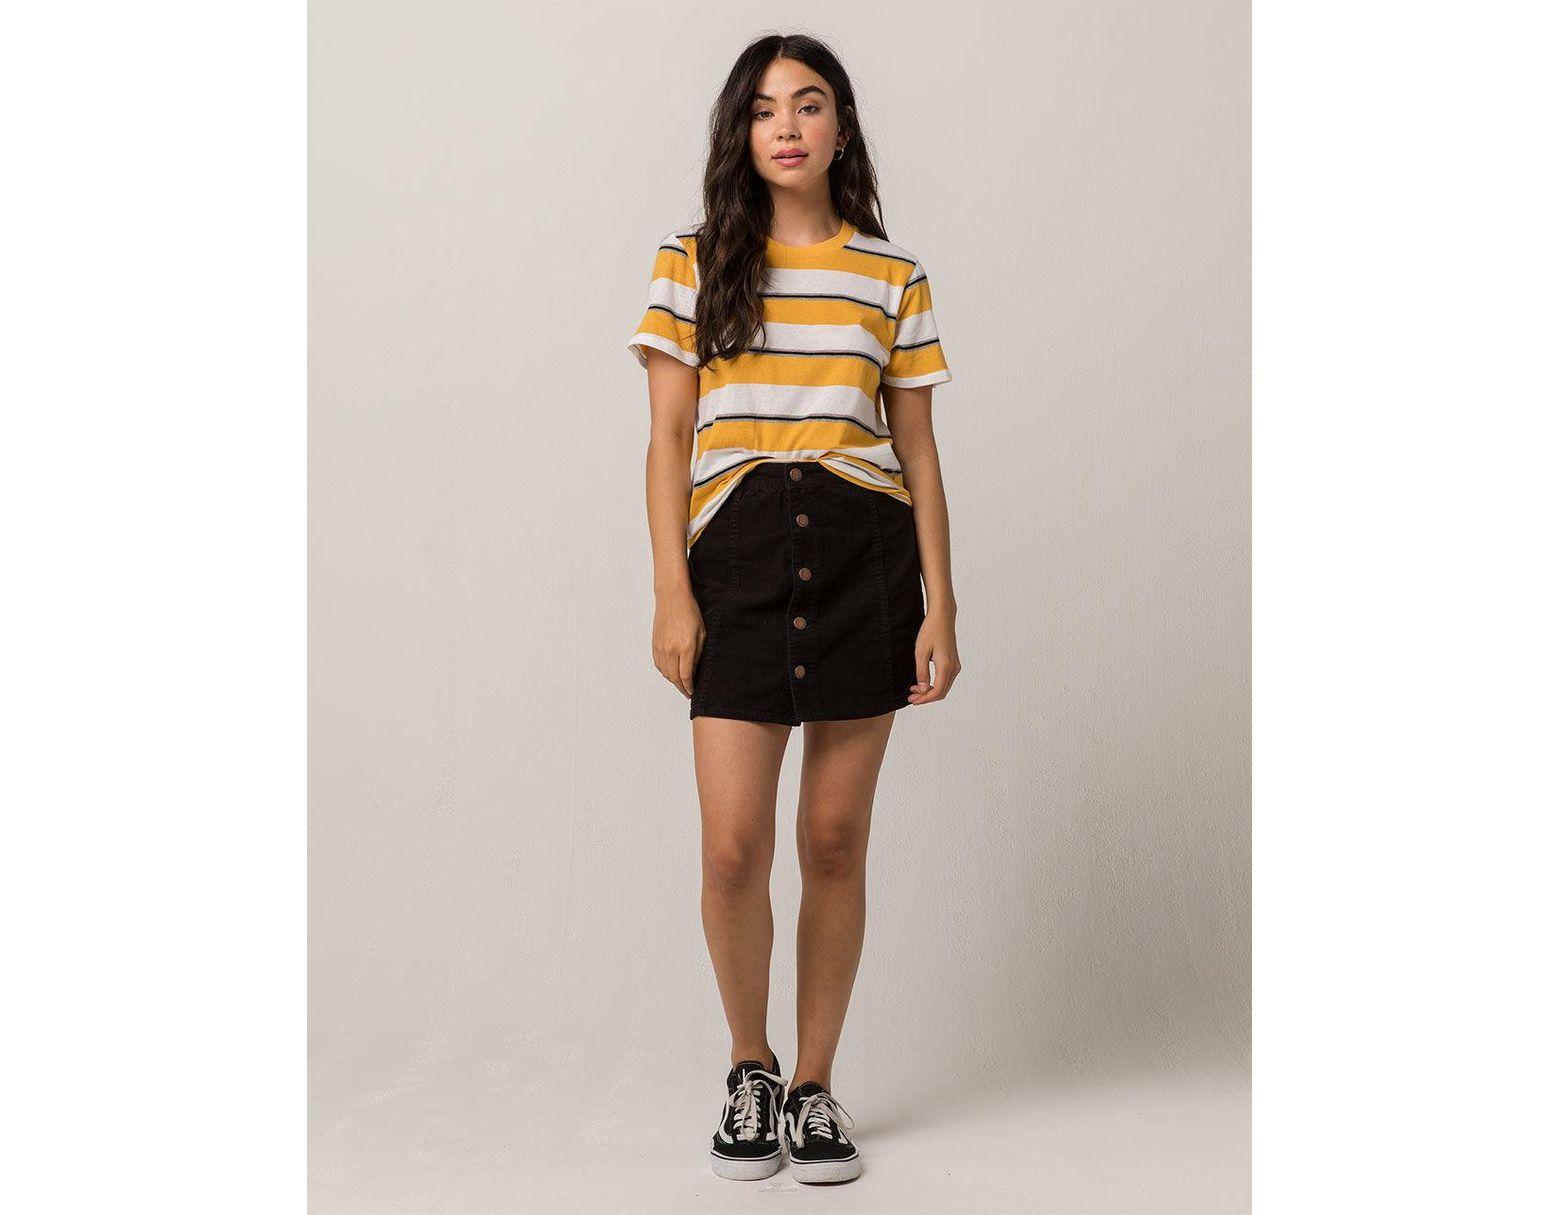 c5a30cb84 Billabong Push My Buttons Corduroy Mini Skirt in Black - Lyst